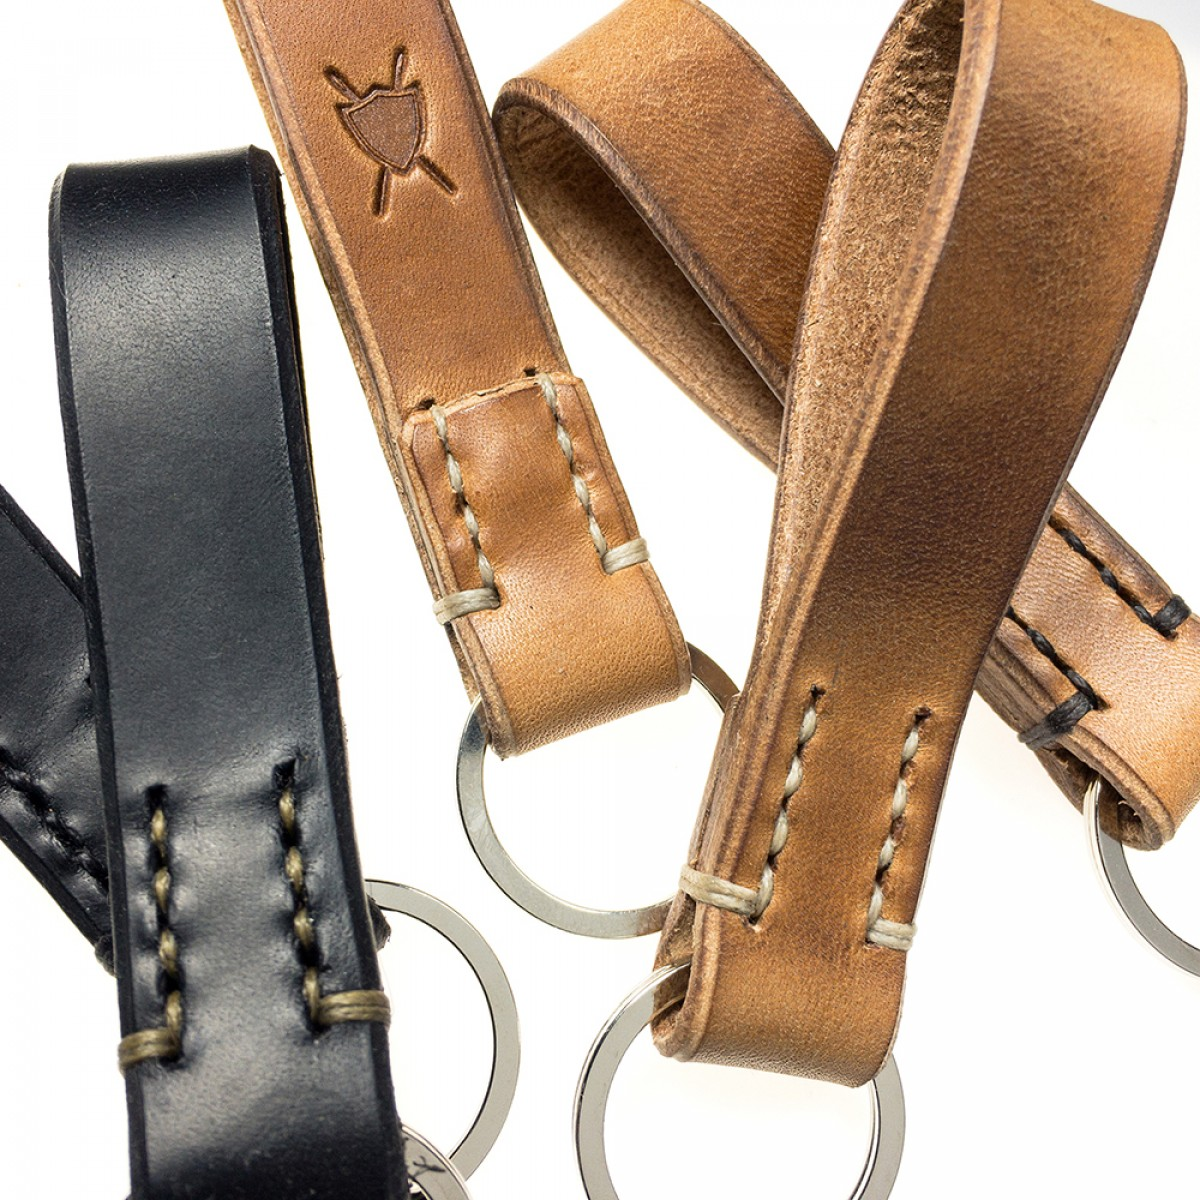 LIEBHARDT - Leder Schlüsselanhänger, handgenäht aus pflanzlich gegerbtem Echt-Leder - massive Sattlernaht - handstitched (schwarz mit dunkelbeiger Naht)